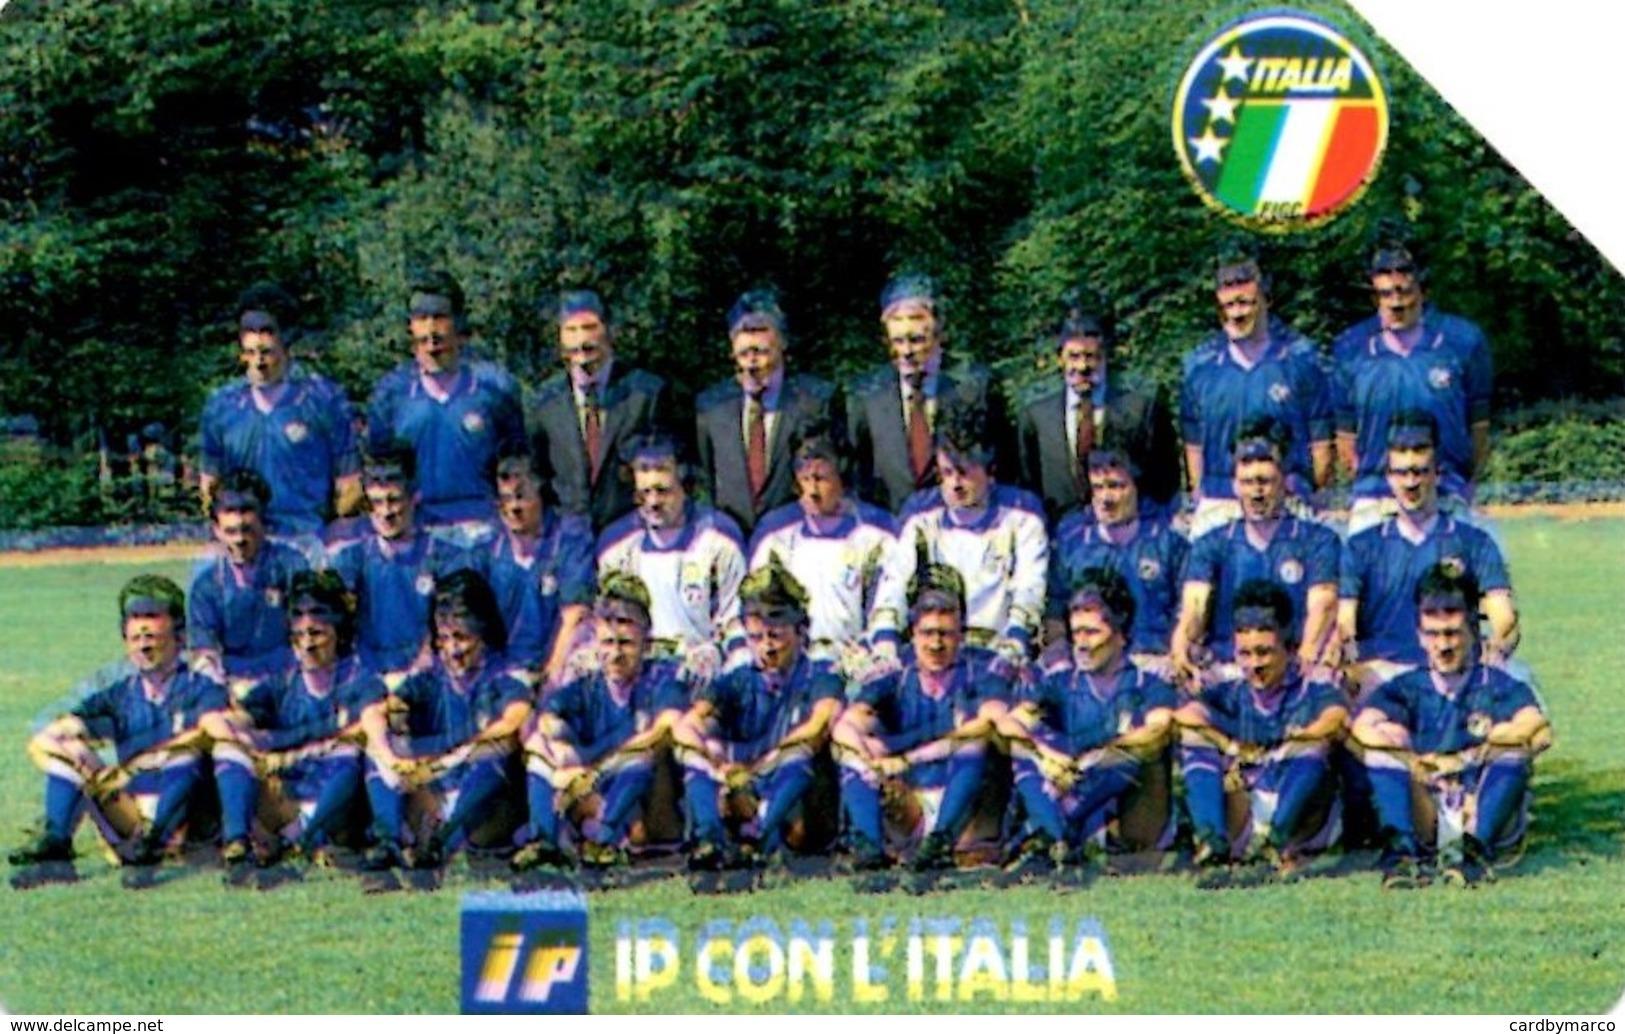 *ITALIA - SIP: ITALIA '90 - IP CON L'ITALIA* - Scheda Usata (NON CLASSIFICATA) - Italie